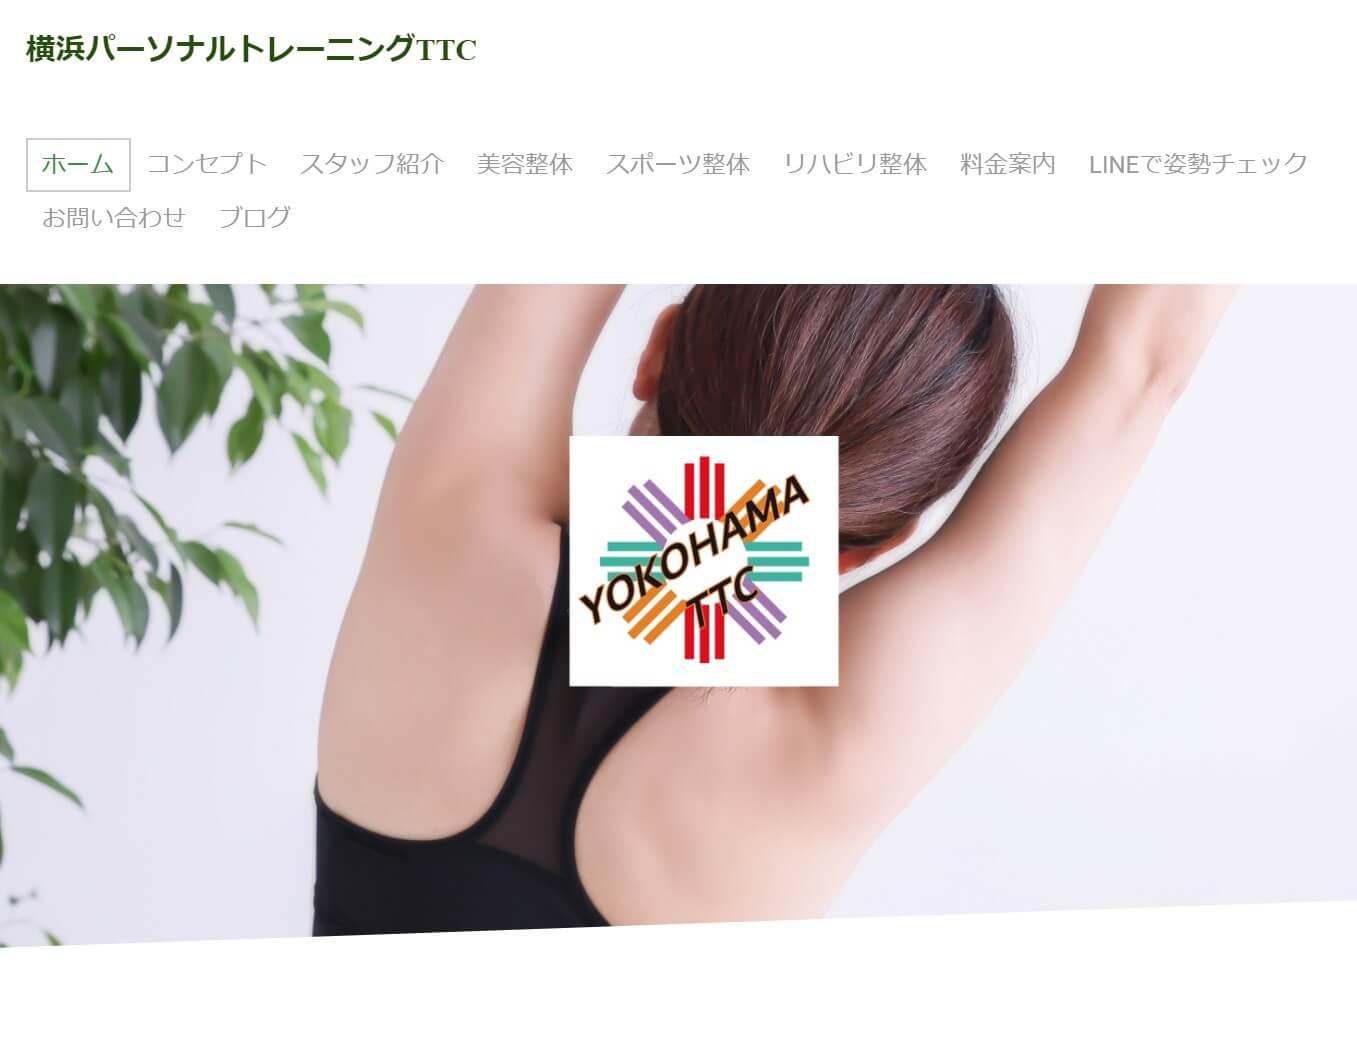 横浜パーソナルトレーニングTTC-アイキャッチ